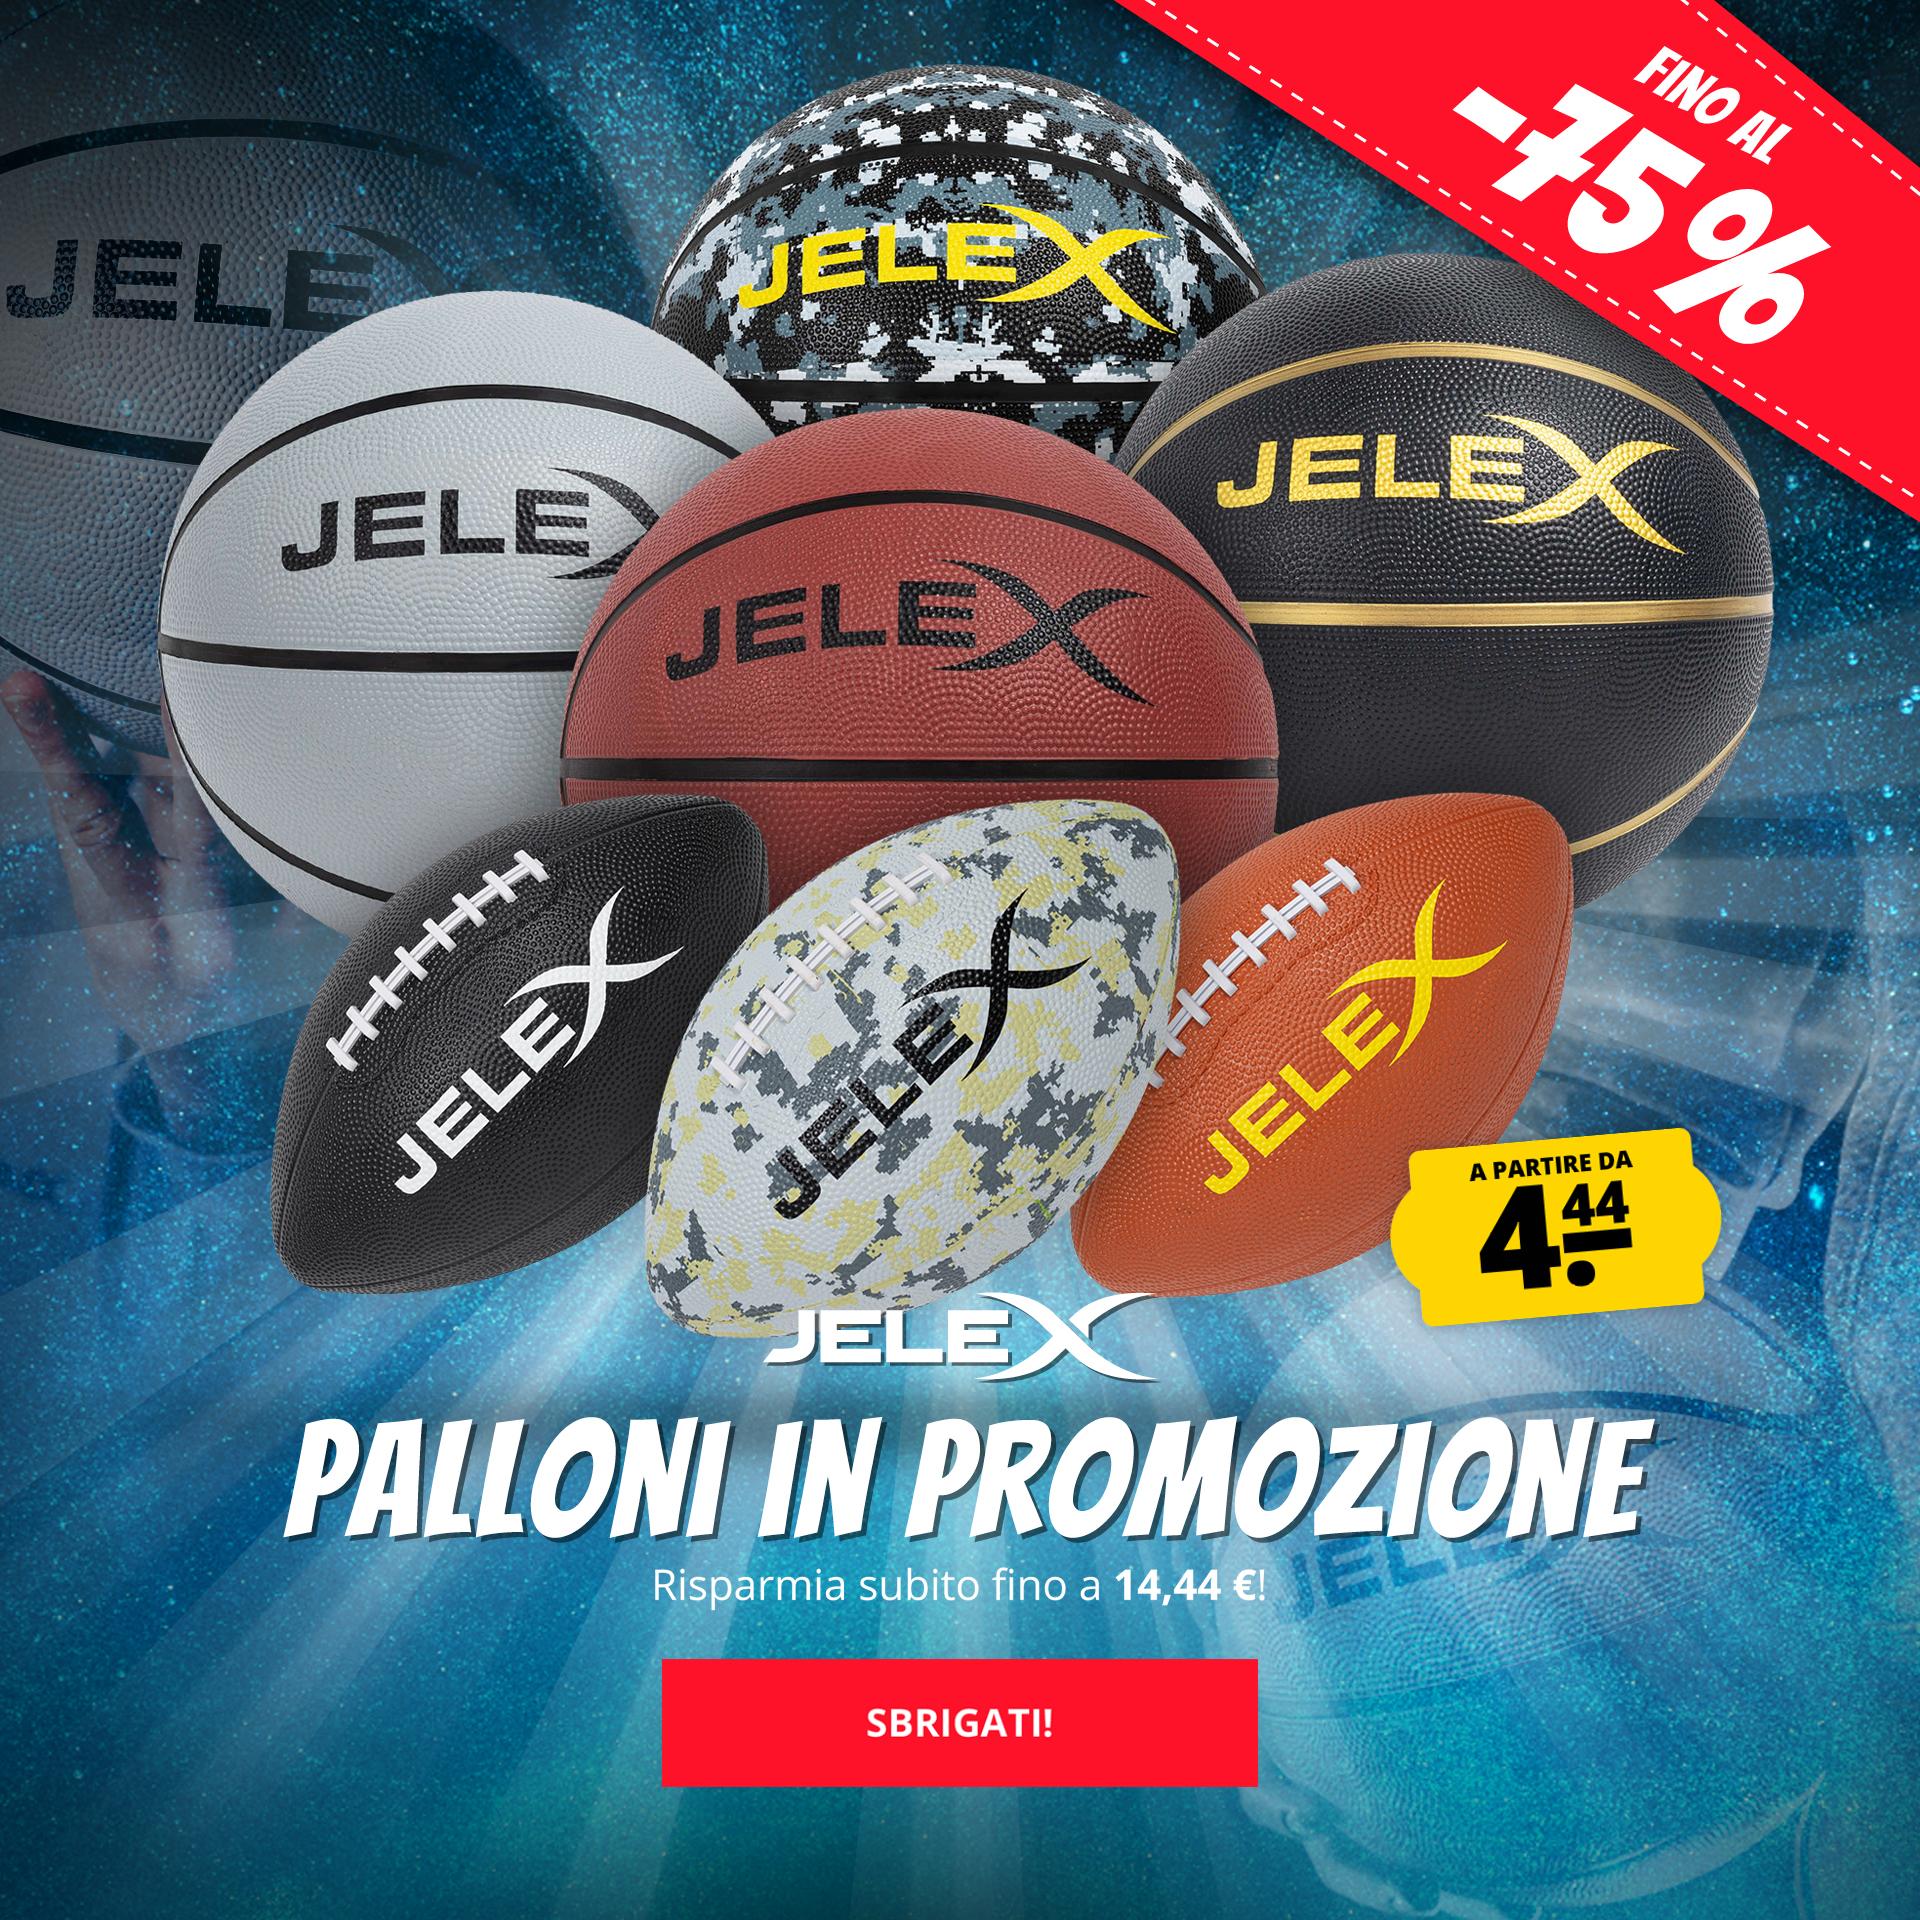 JELEX Palloni in promozione a partire da 4,44 €